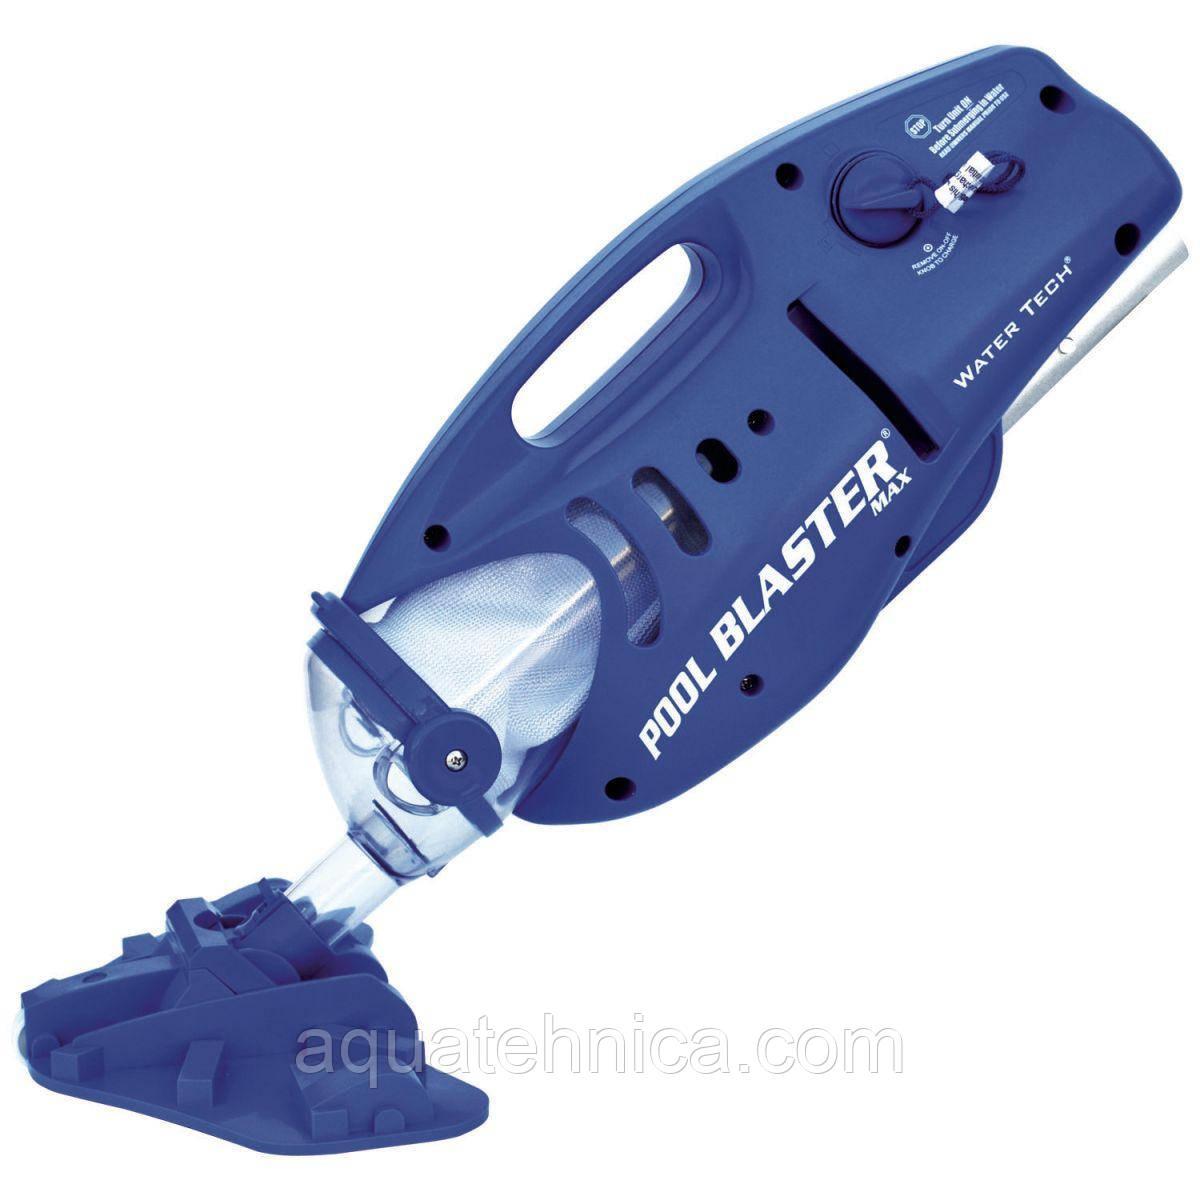 Ручний автономний пилосос для басейну Pool Blaster MAX